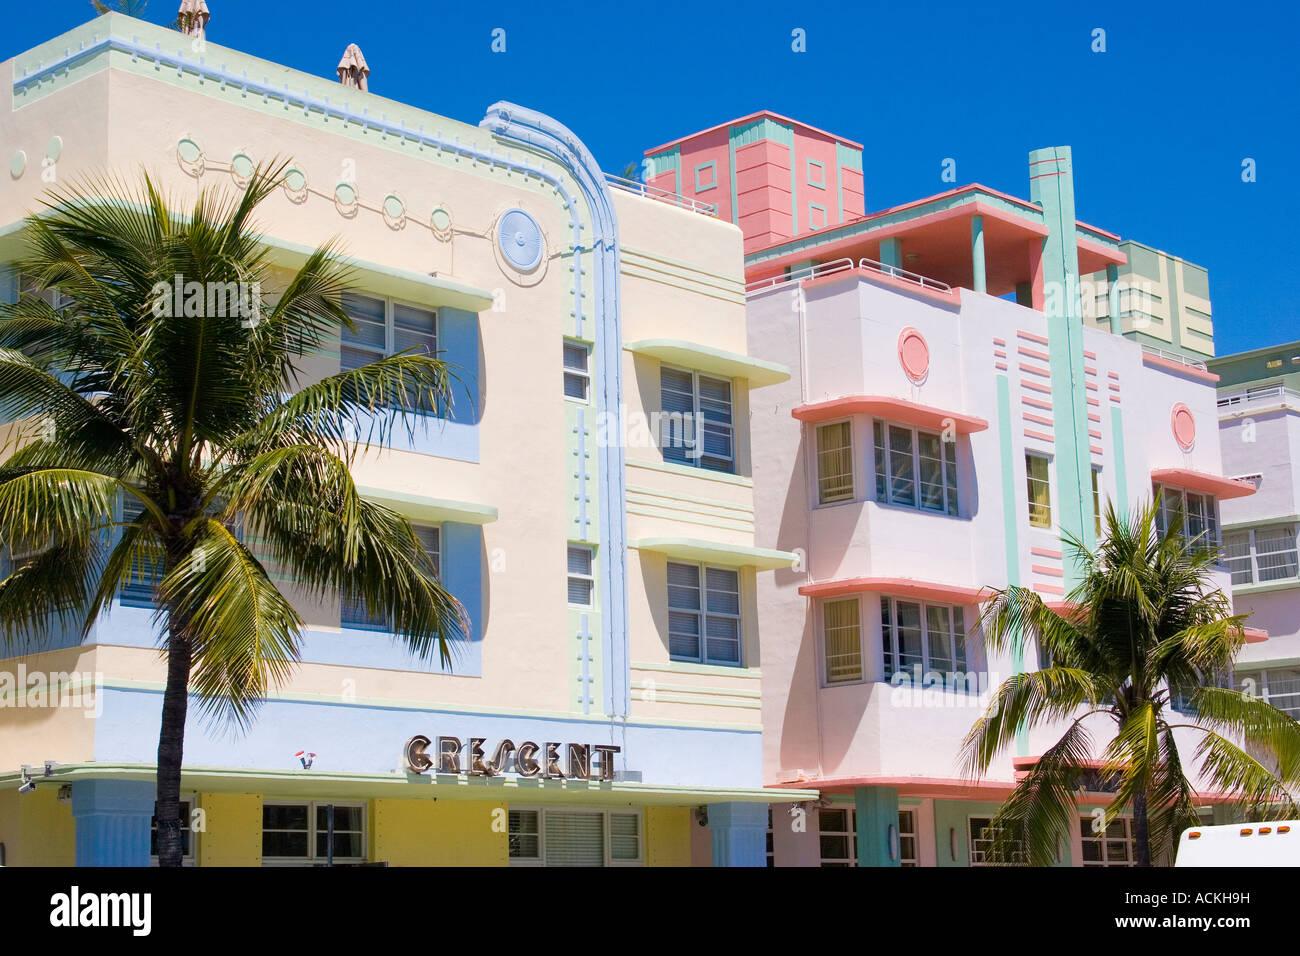 Deco Architektur reihe pastellfarbenen hotels im stil déco architektur am